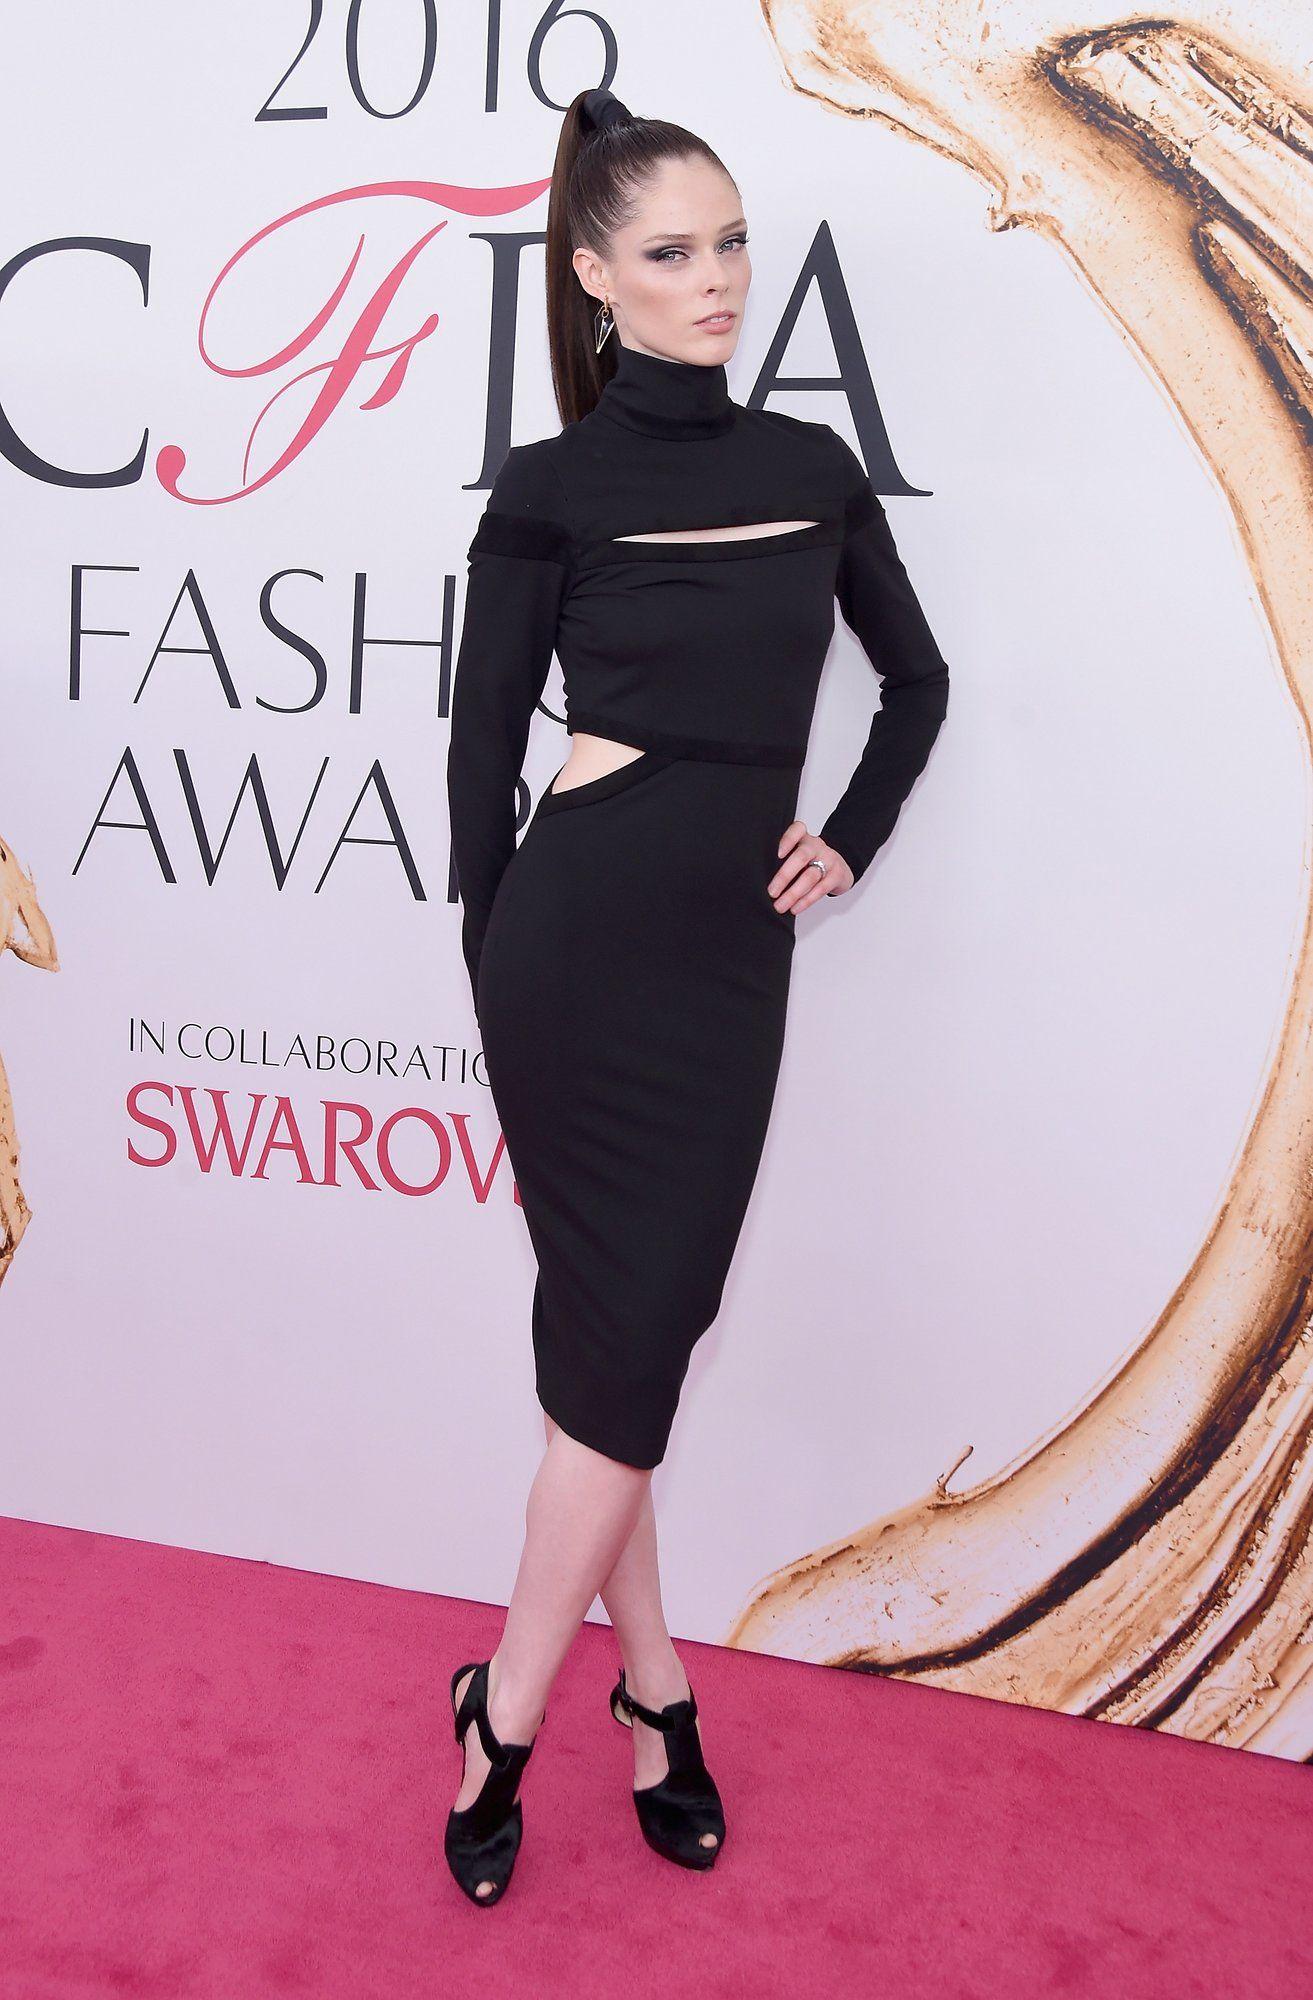 Fashion News: Claire Danes, Coco Rocha More